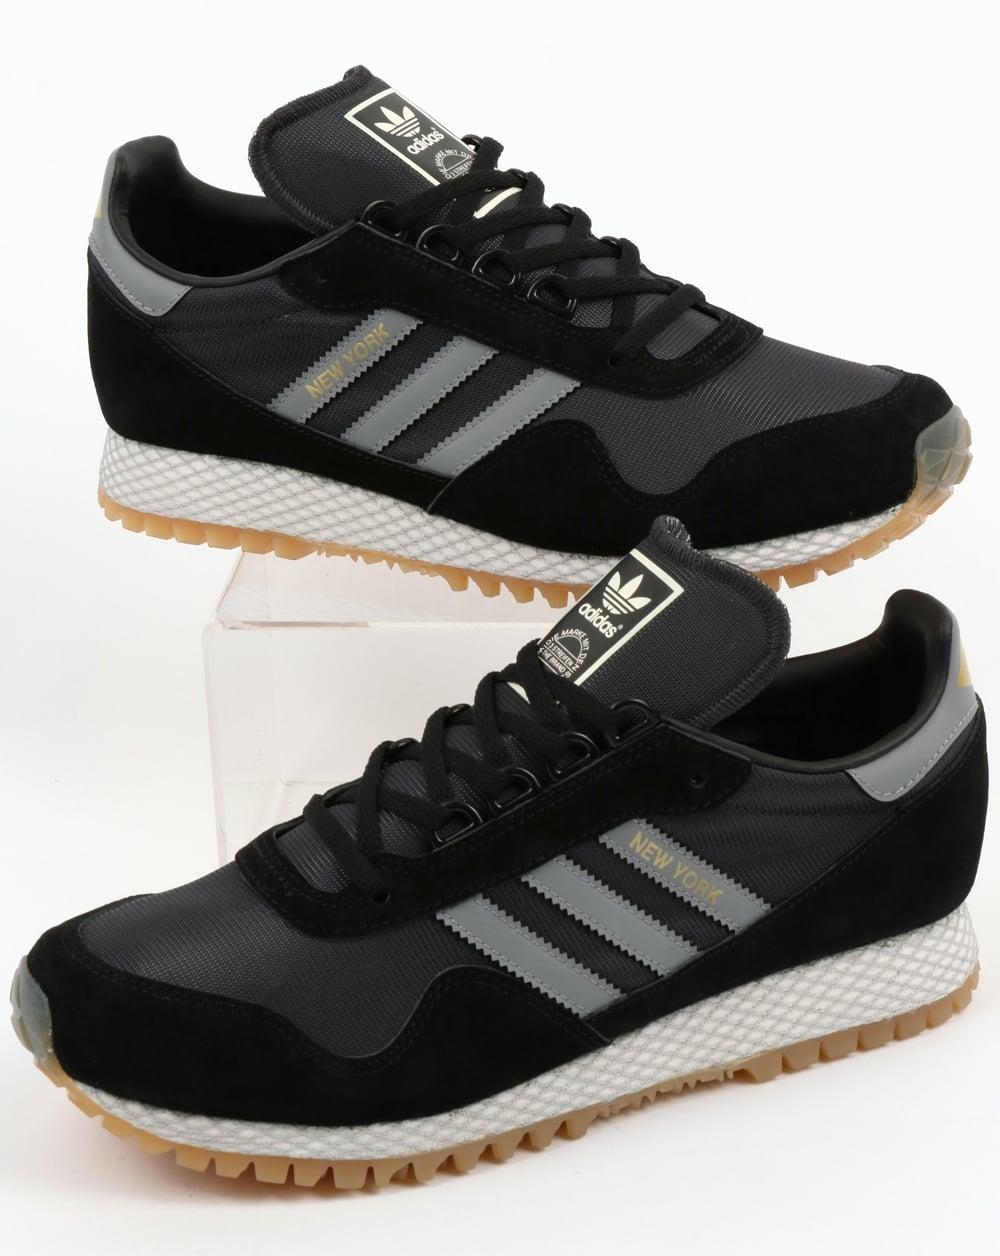 Adidas New York Trainers Black/Grey,OG,shoes,original ...